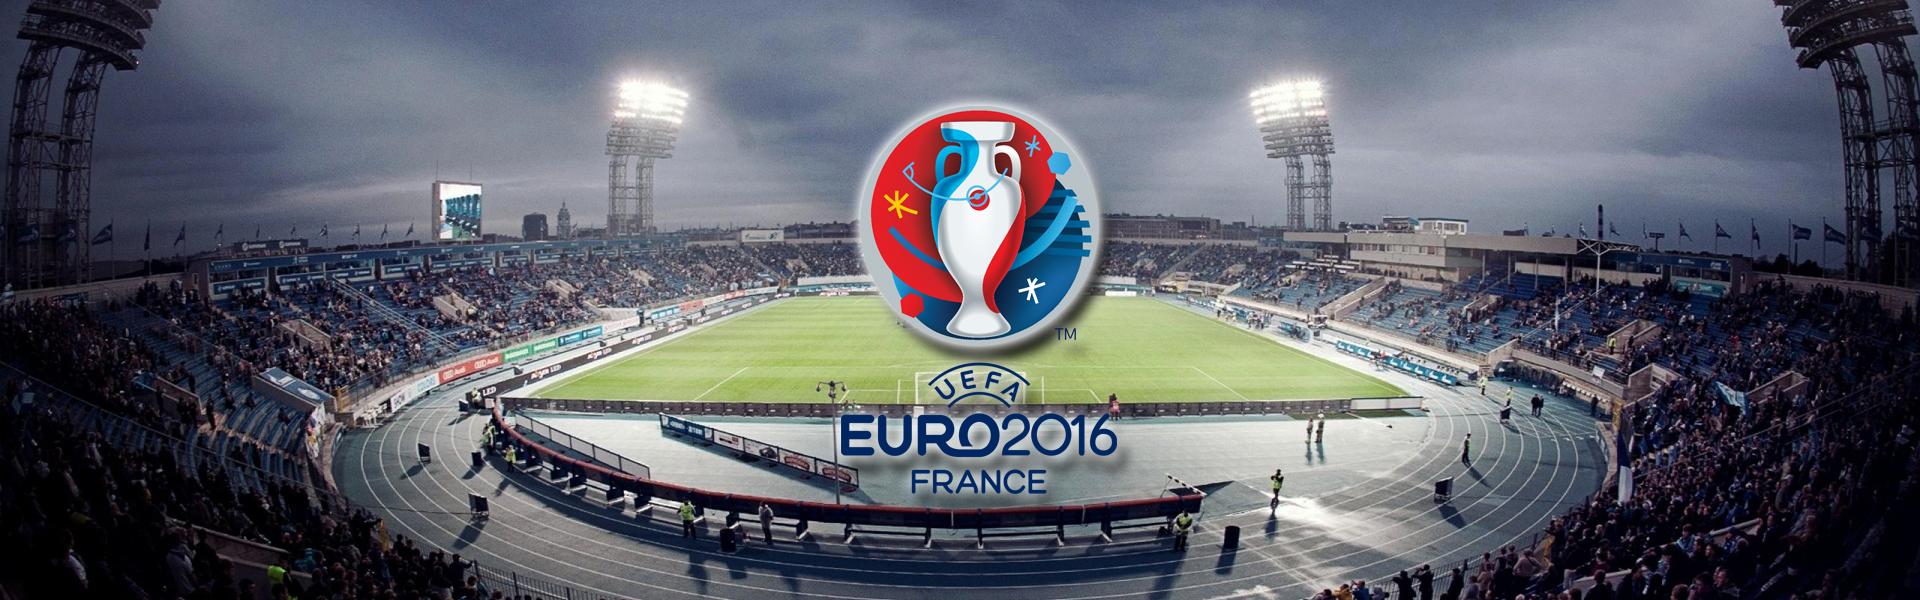 uefa_euro_head